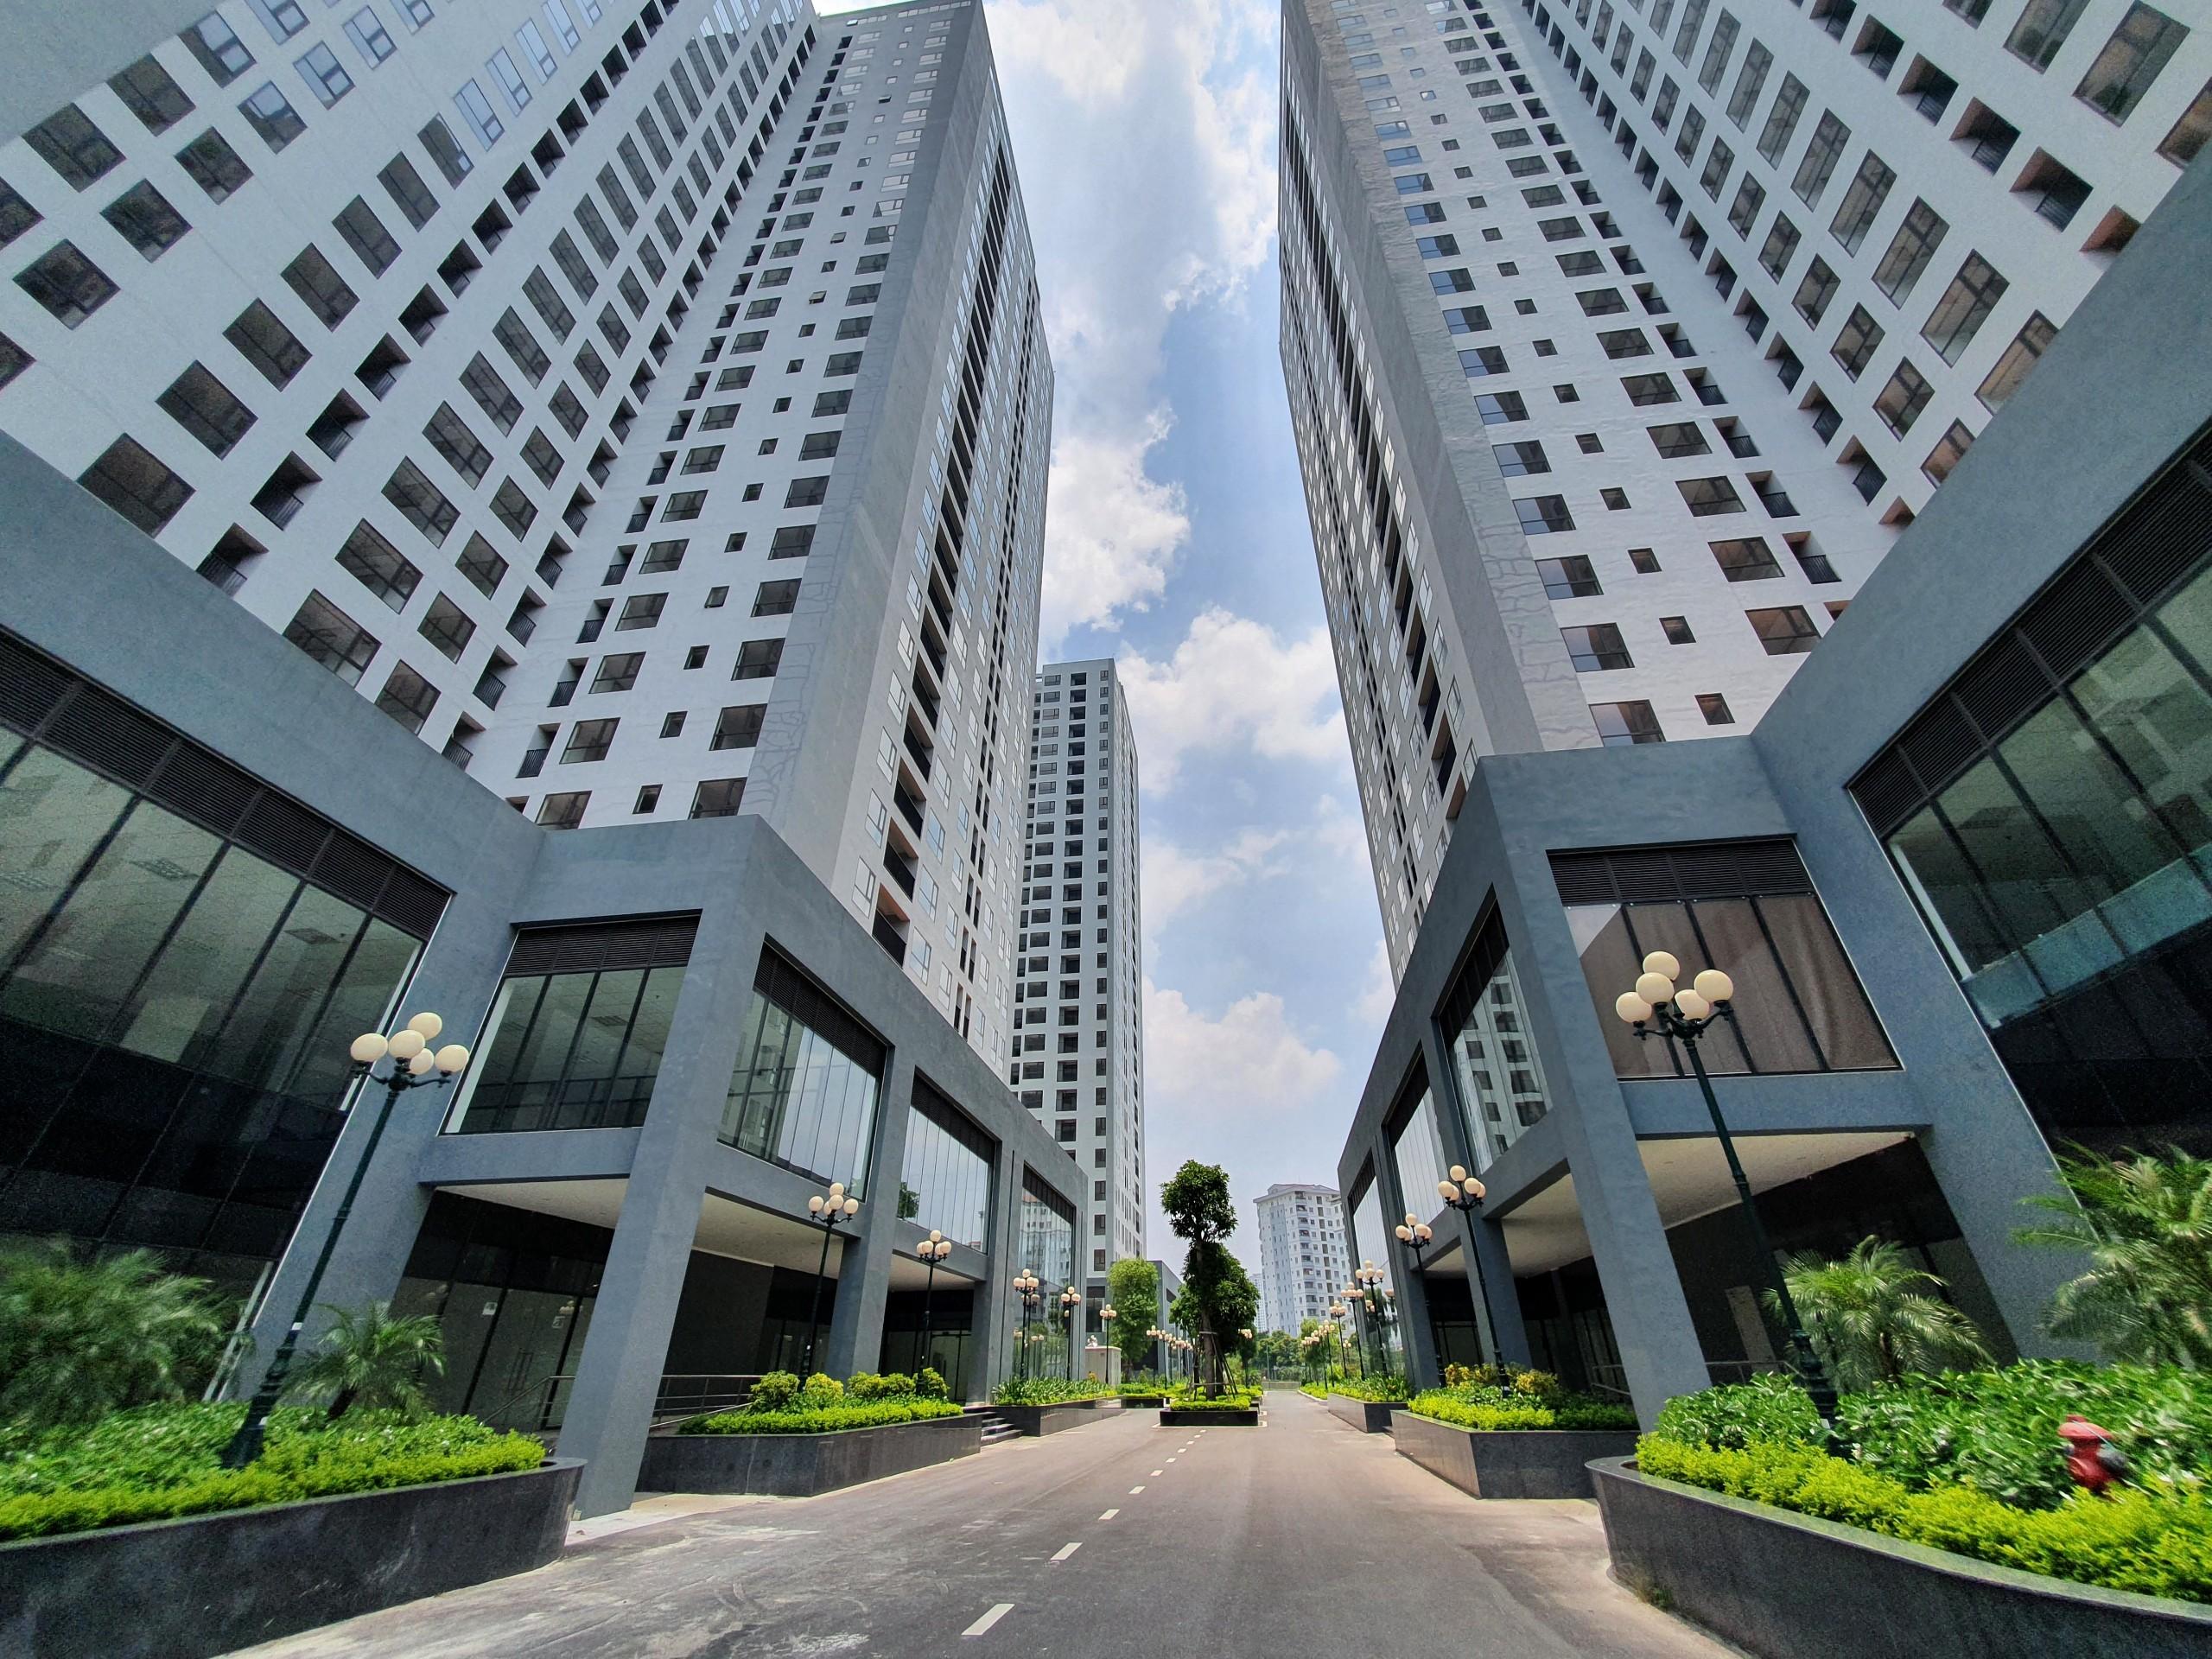 Chủ đầu tư là Tổng công ty Đầu tư phát triển nhà và đô thị - Bộ Quốc phòng.